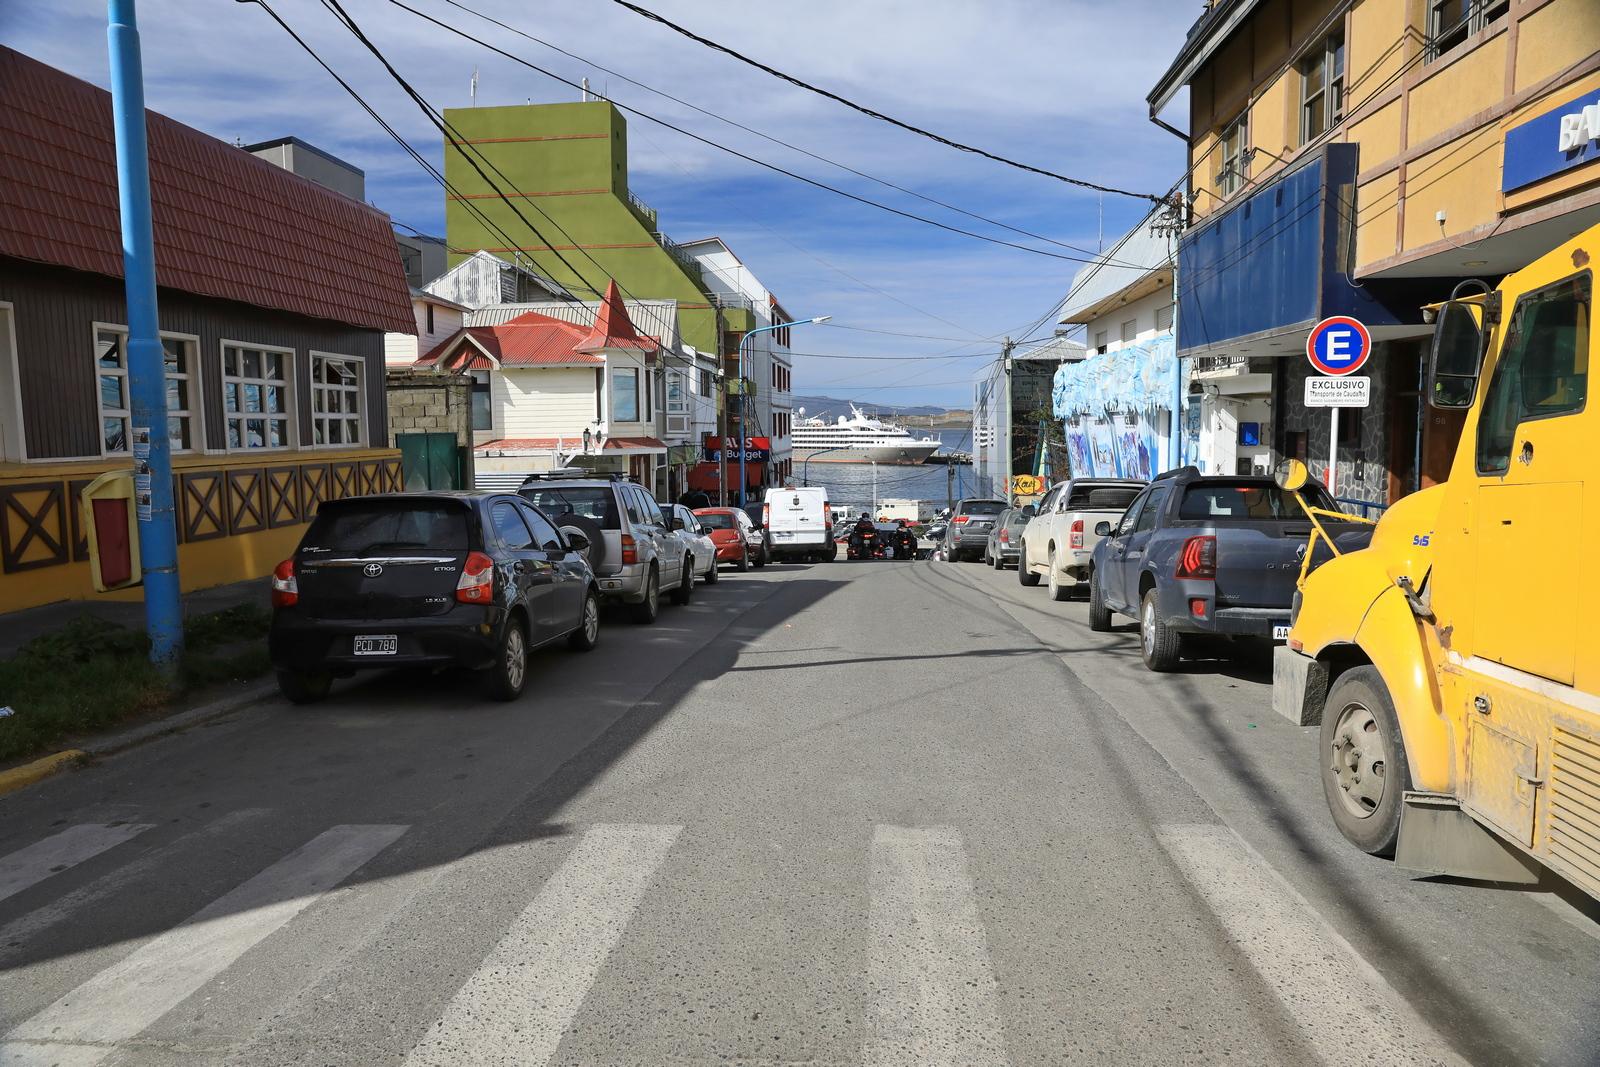 1702_Antarctique_00859_c_sm.jpg